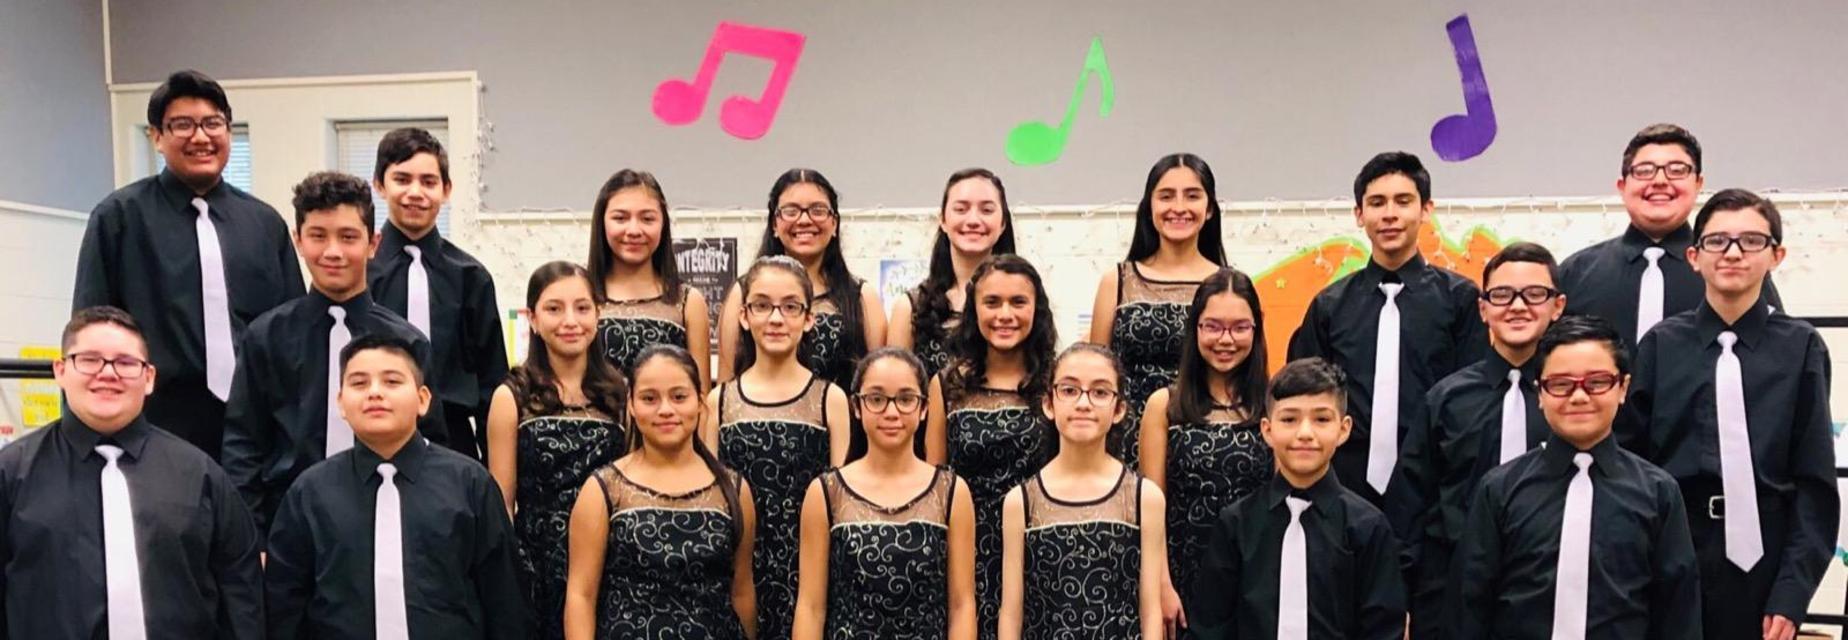 2018 Show choir